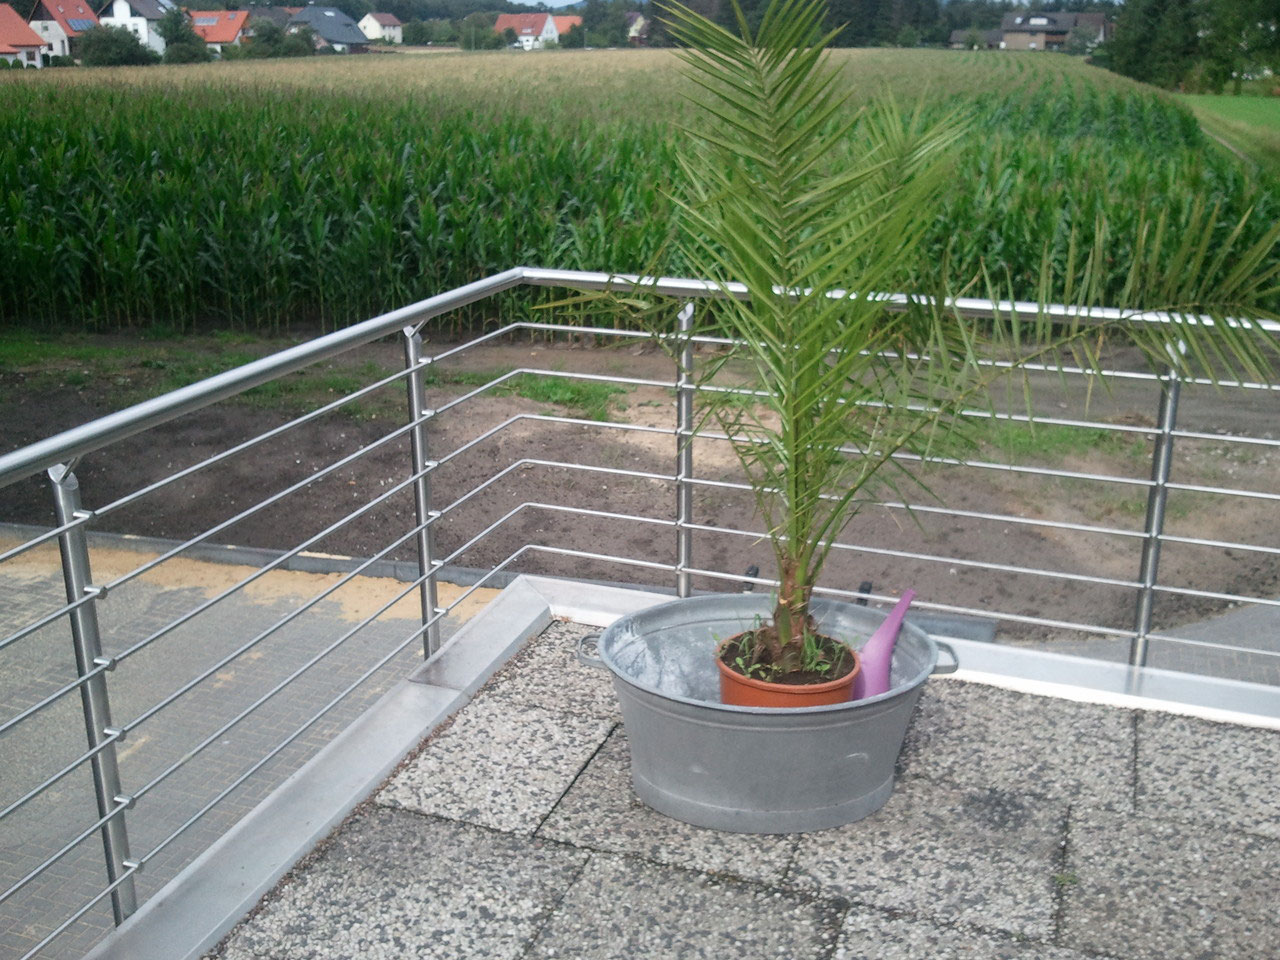 Terrasse Mit Geländer günstige terrassengeländer aus edelstahl zur selbstmontage - srh